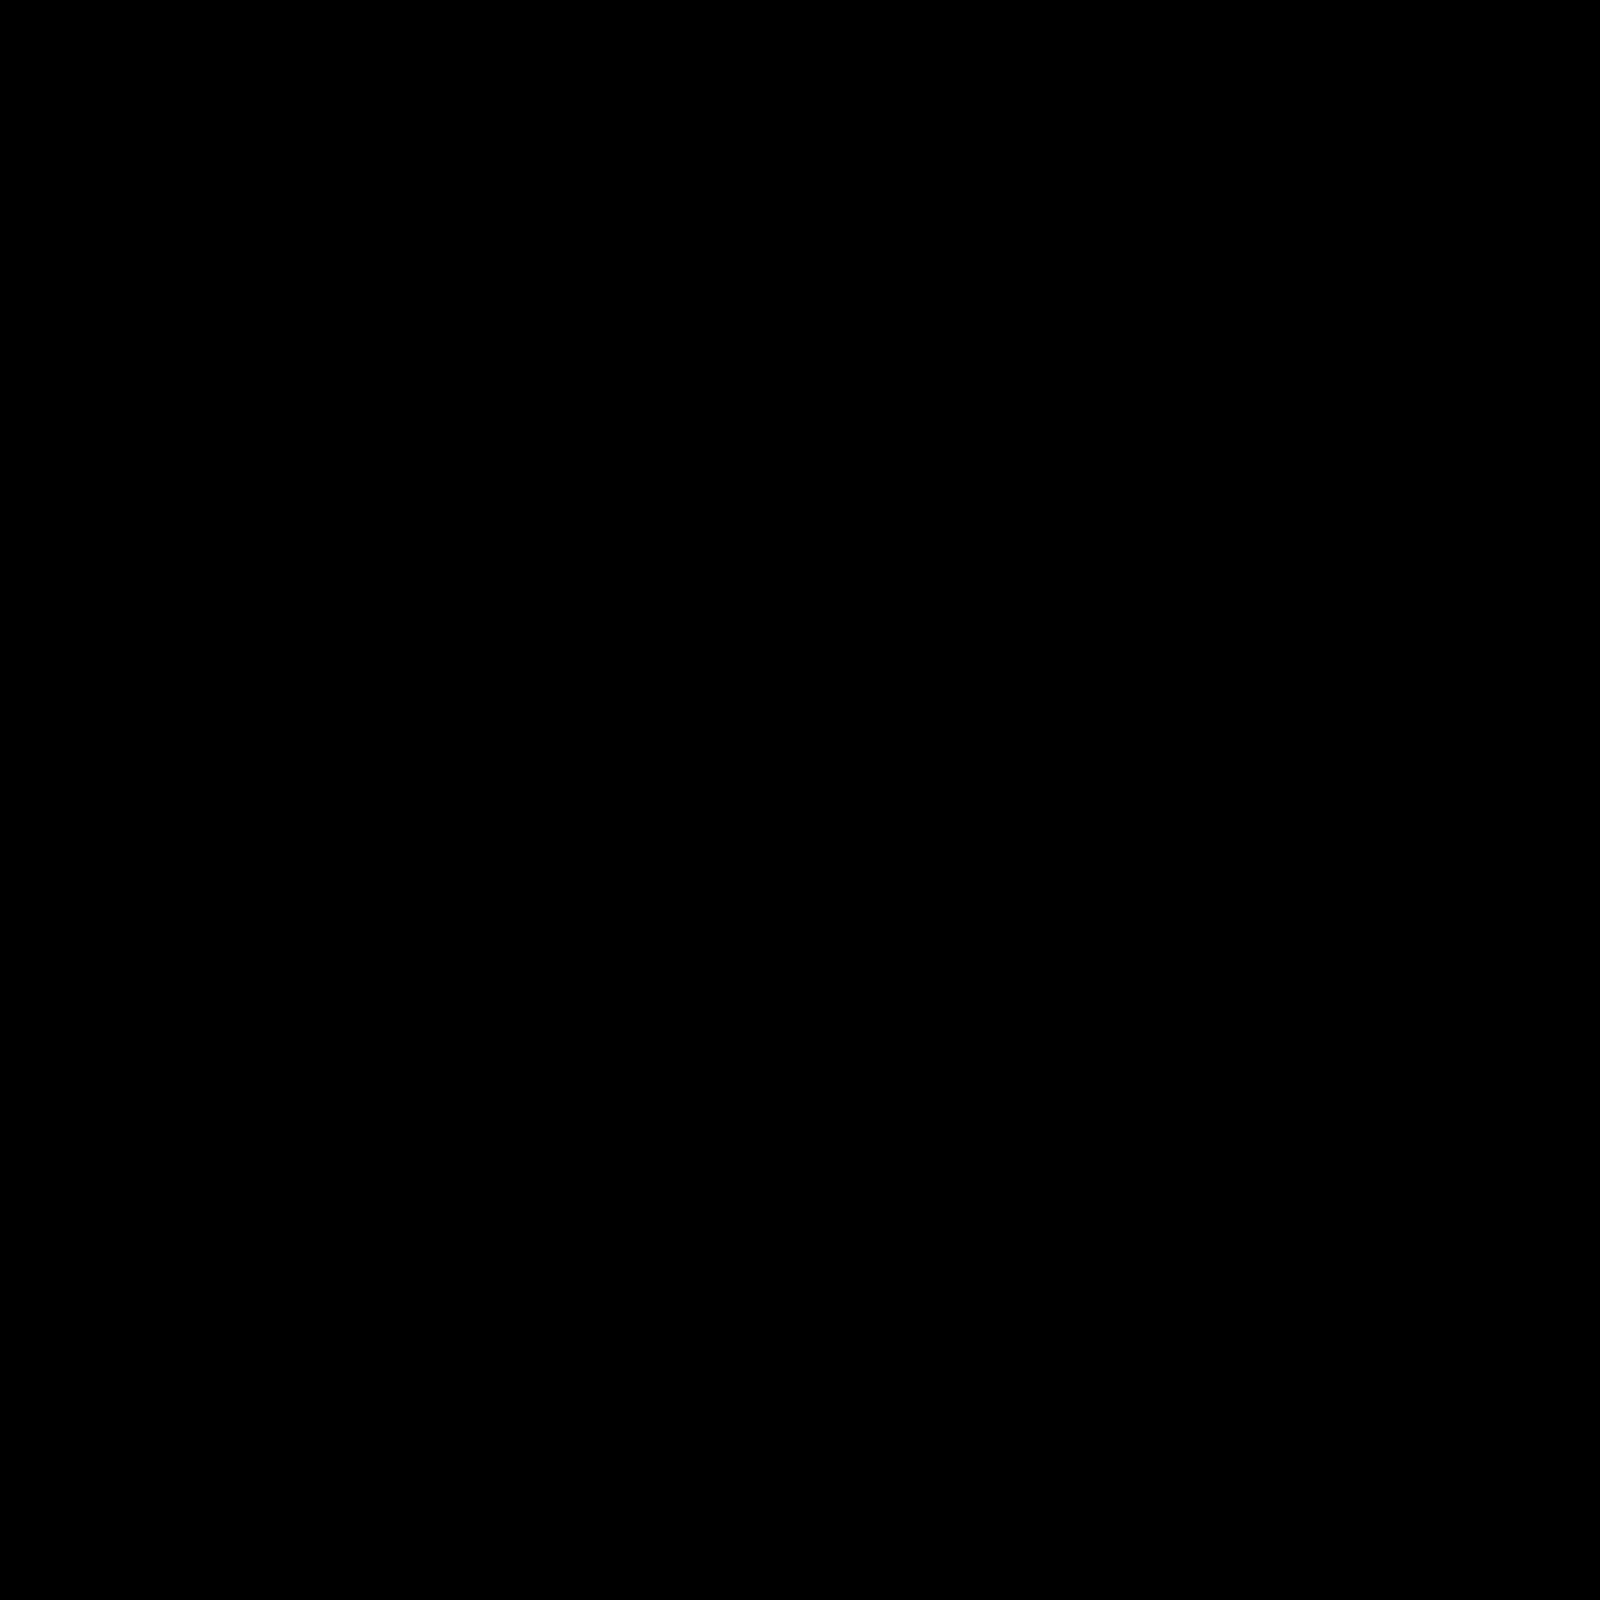 Apteczka podręczna icon